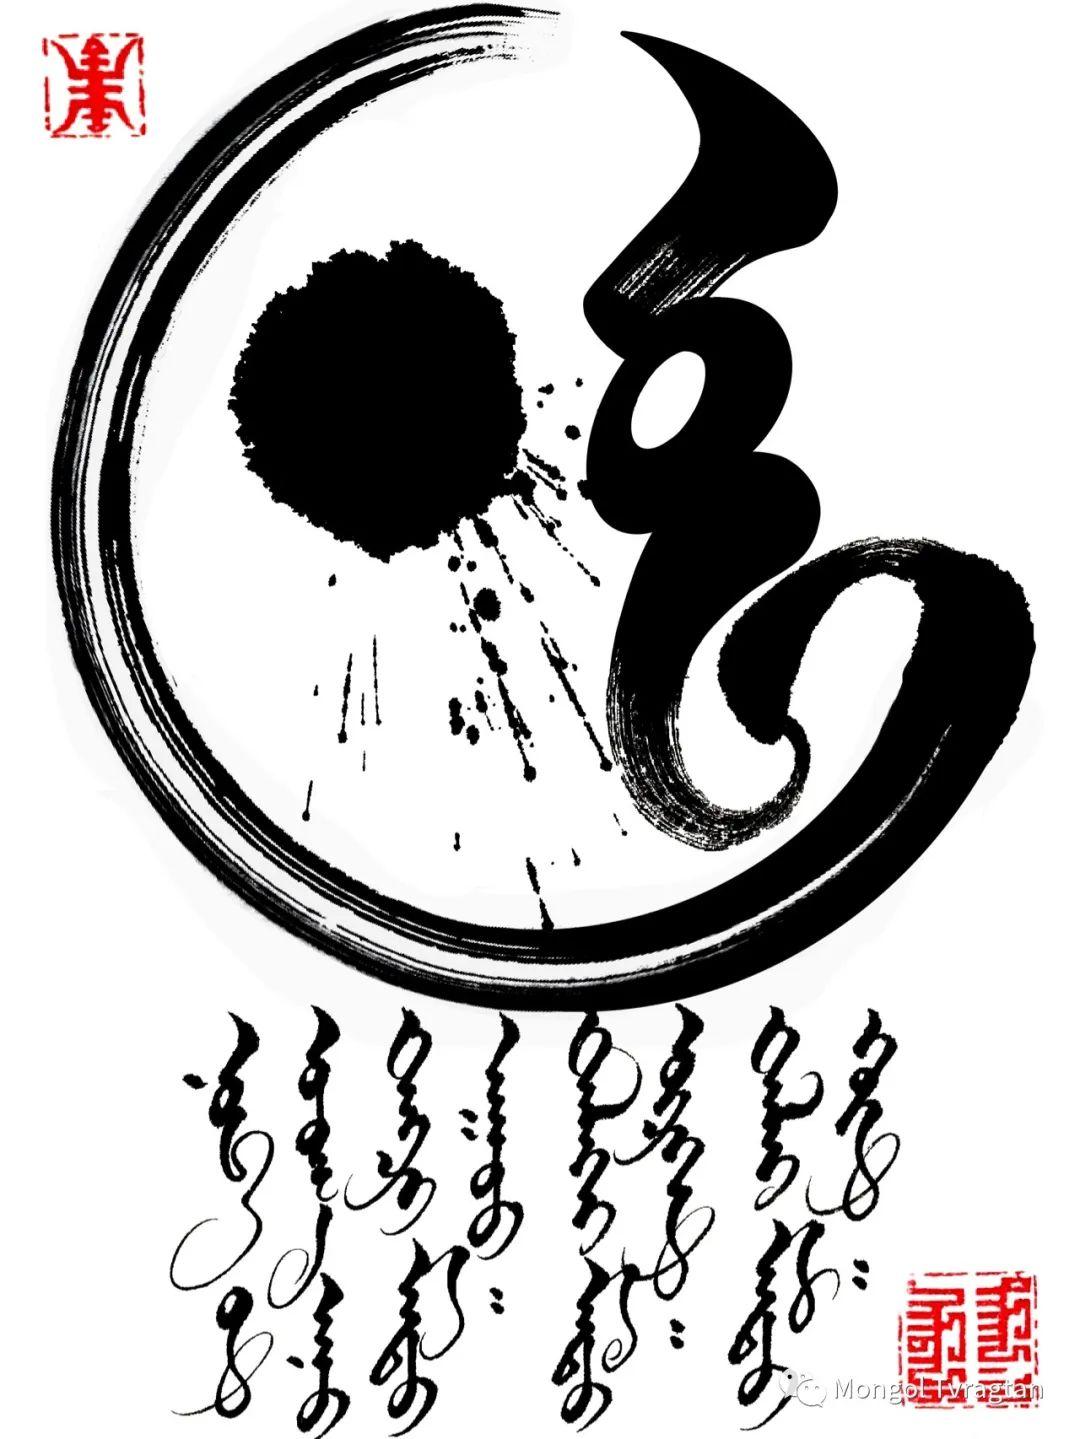 ᠮᠥᠩᠬᠡ ᠲᠡᠭᠷᠢᠶᠢᠨ ᠪᠢᠴᠢᠭ᠌ - ᠰᠠᠮᠳᠠᠨ 第14张 ᠮᠥᠩᠬᠡ ᠲᠡᠭᠷᠢᠶᠢᠨ ᠪᠢᠴᠢᠭ᠌ - ᠰᠠᠮᠳᠠᠨ 蒙古书法